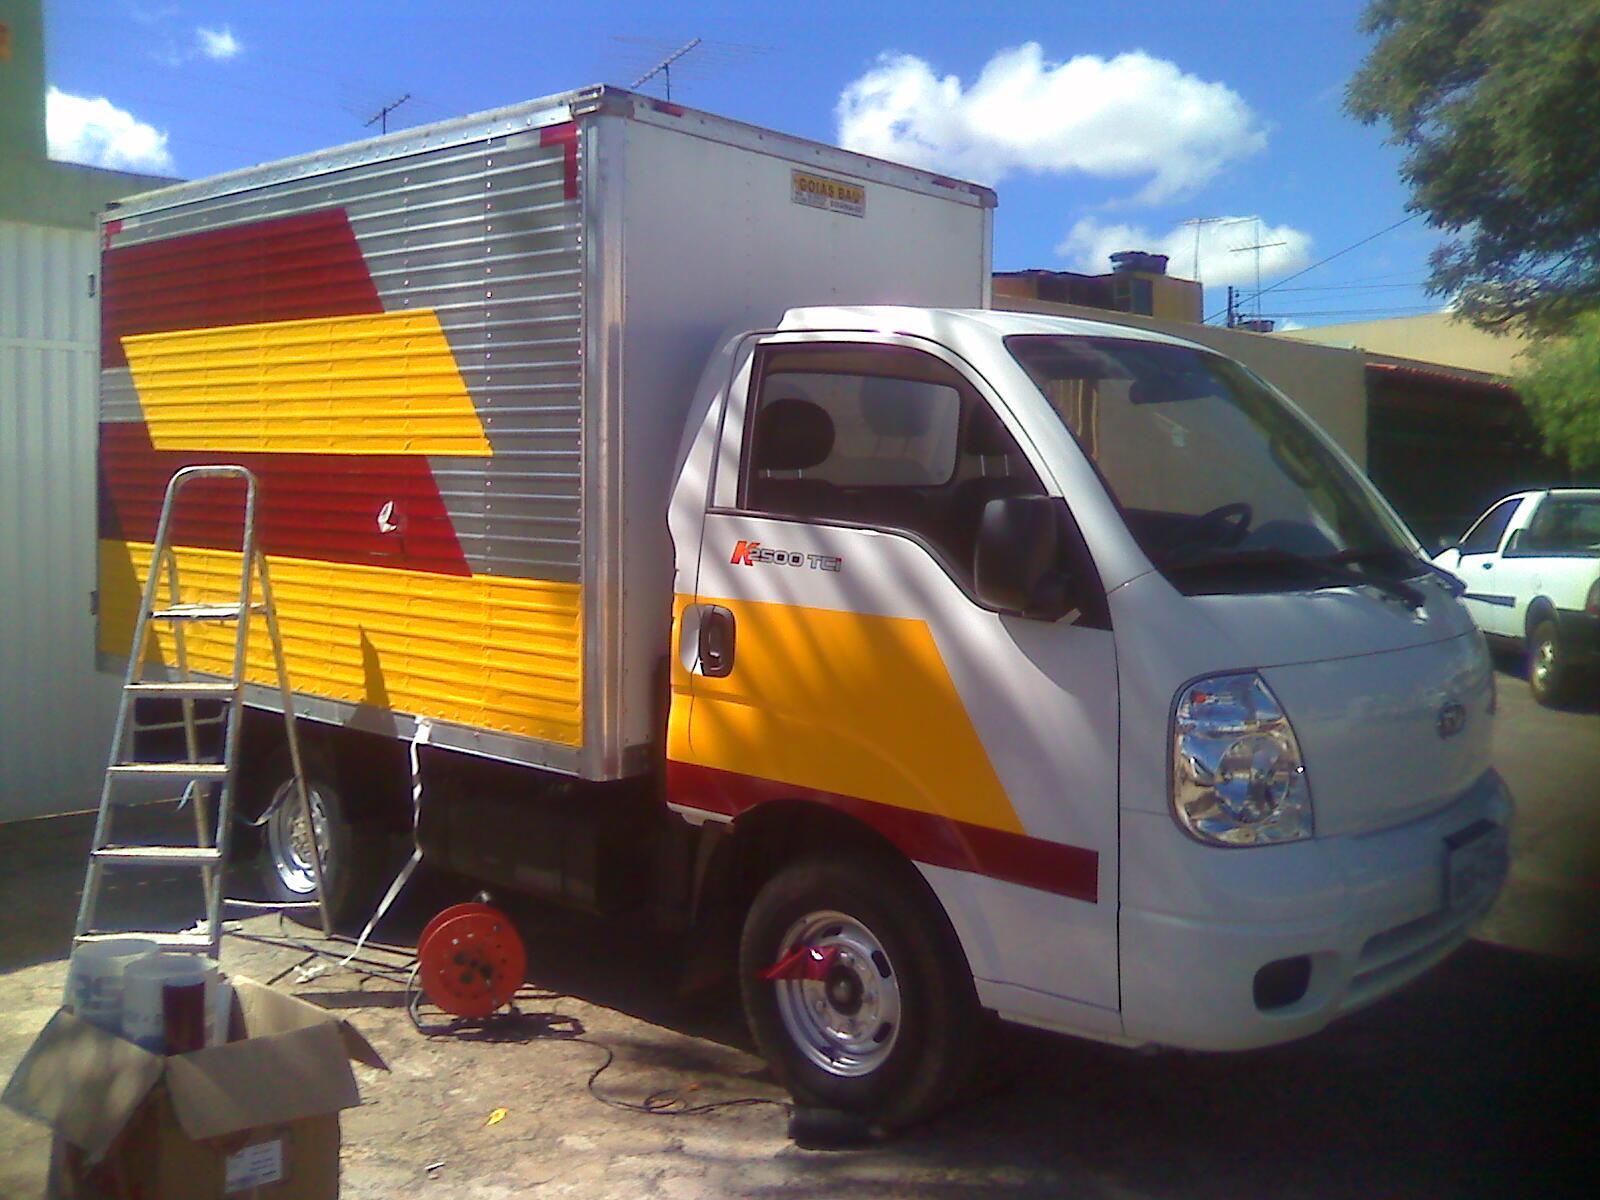 Adesivo De Caminhões ~ PONTO COM COMUNICA u00c7ÃO ADESIVO CAMINHÃO BA u00da LOJAS ENE ESSE